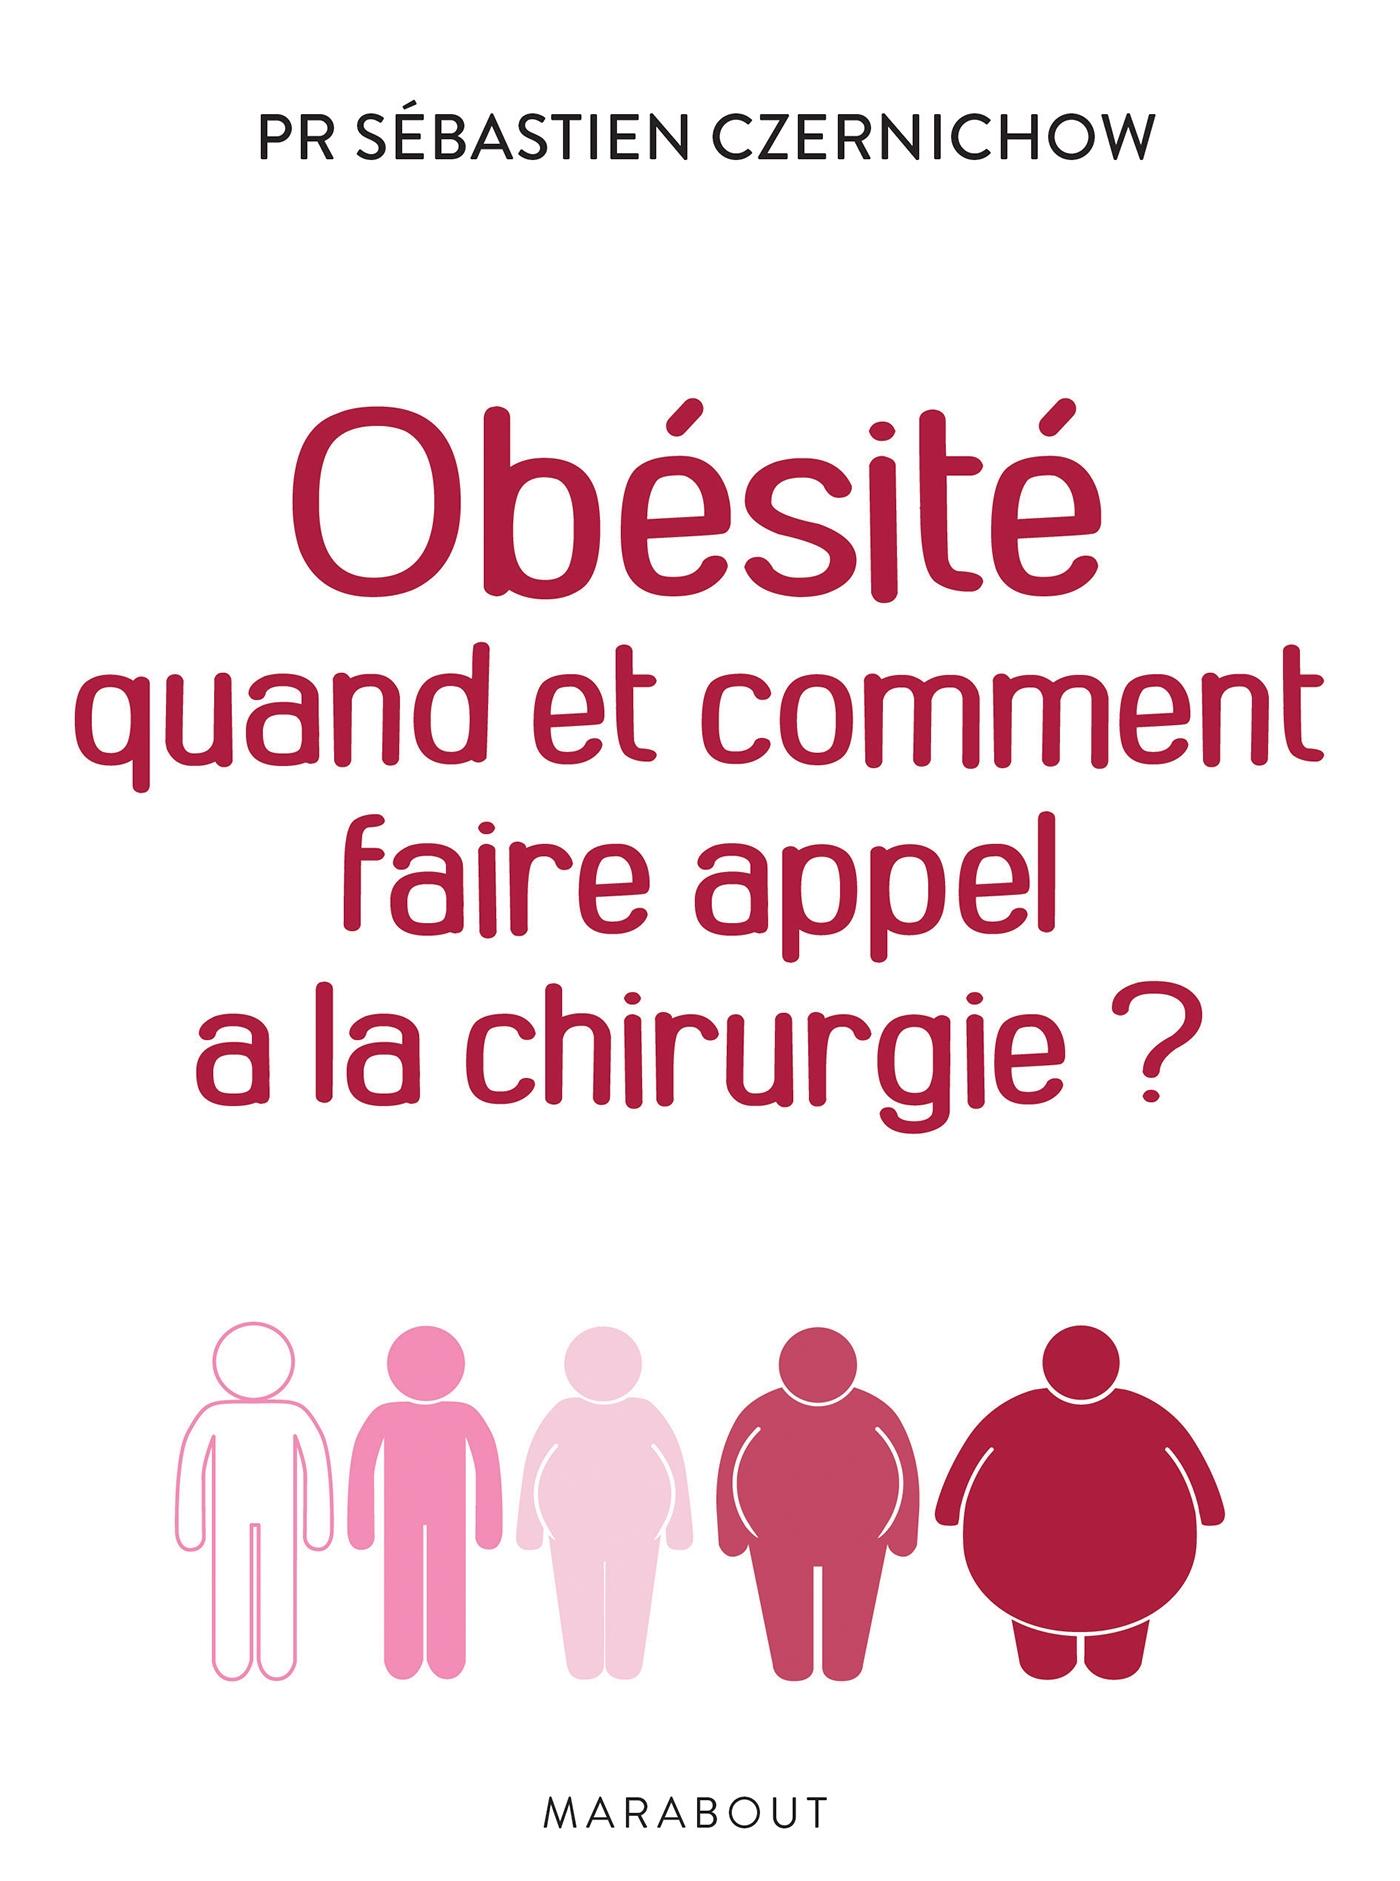 Obésité quand et comment faire appel à la chirurgie